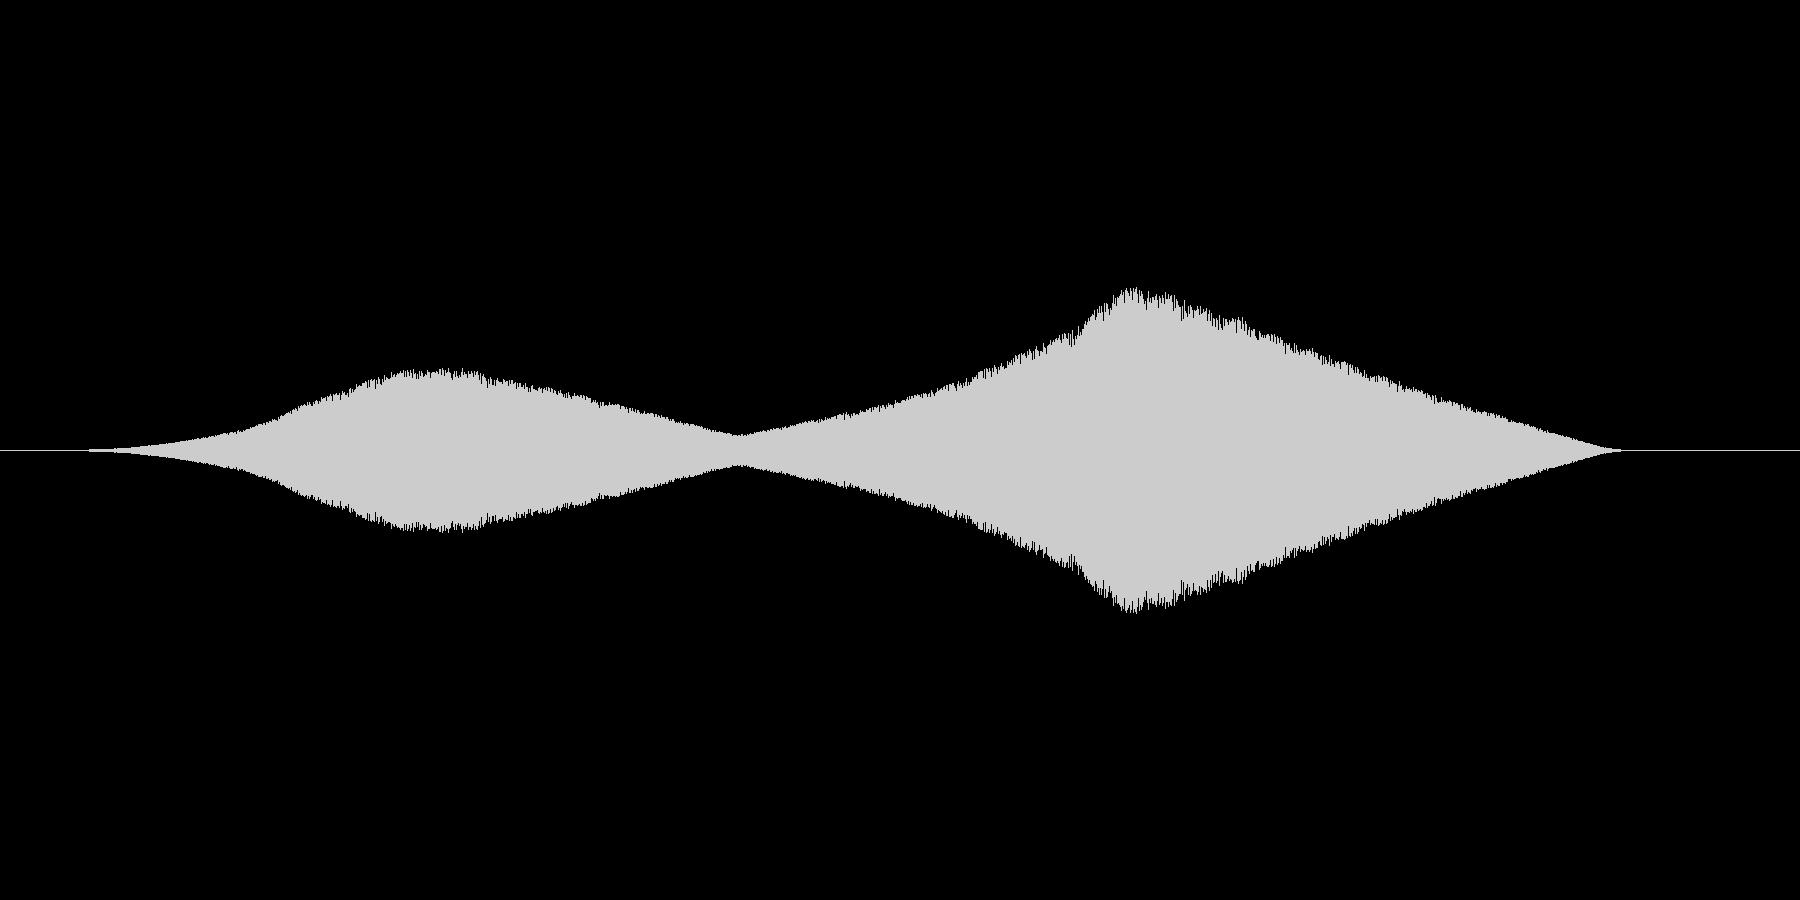 キーン(嫌な予感、虫の飛行音、ブーン)の未再生の波形